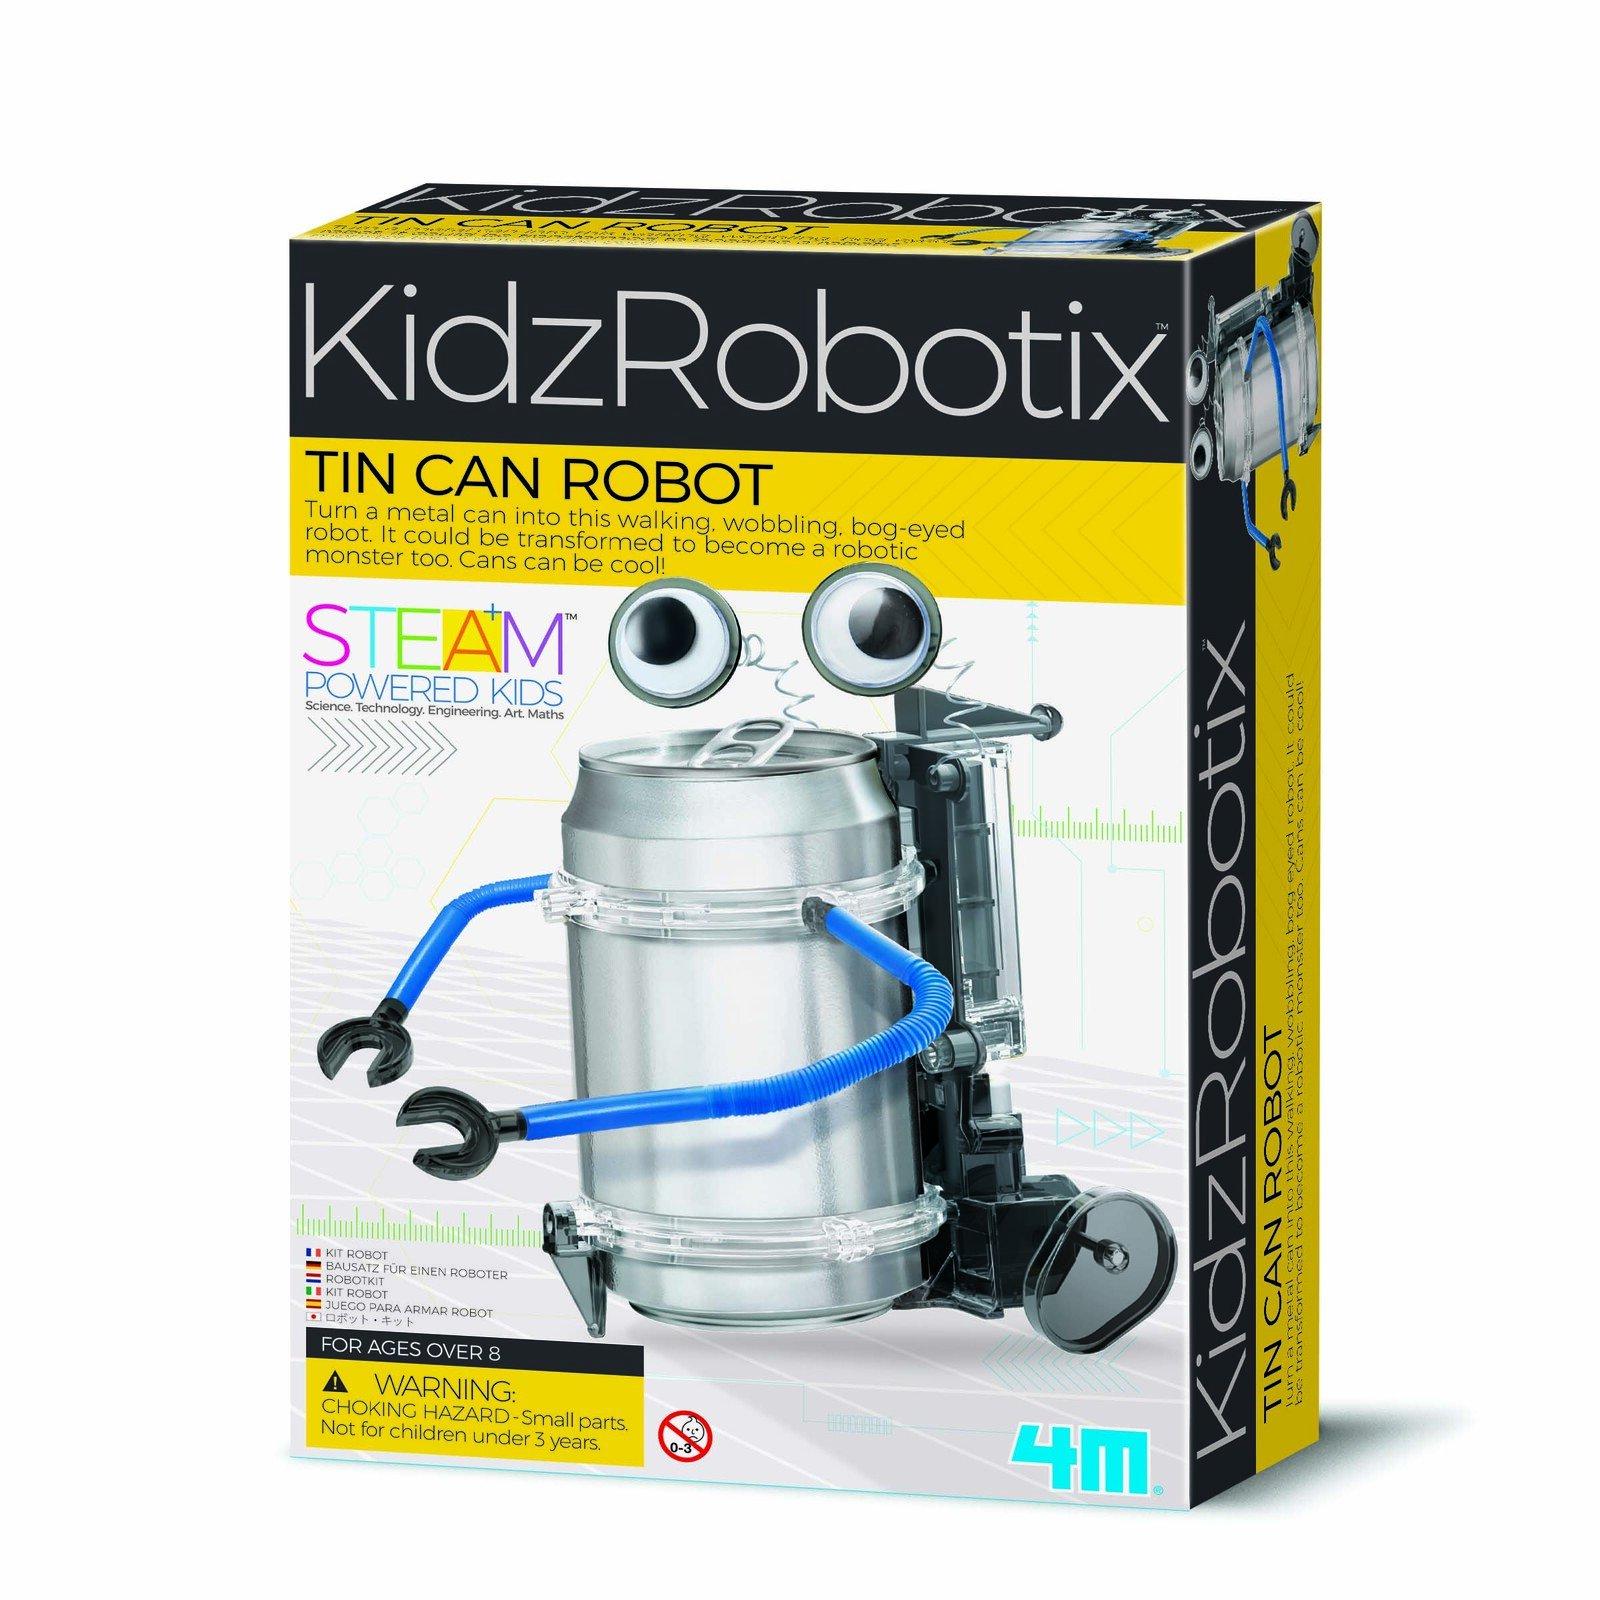 4M Kidz Robotix Tin Can Robot